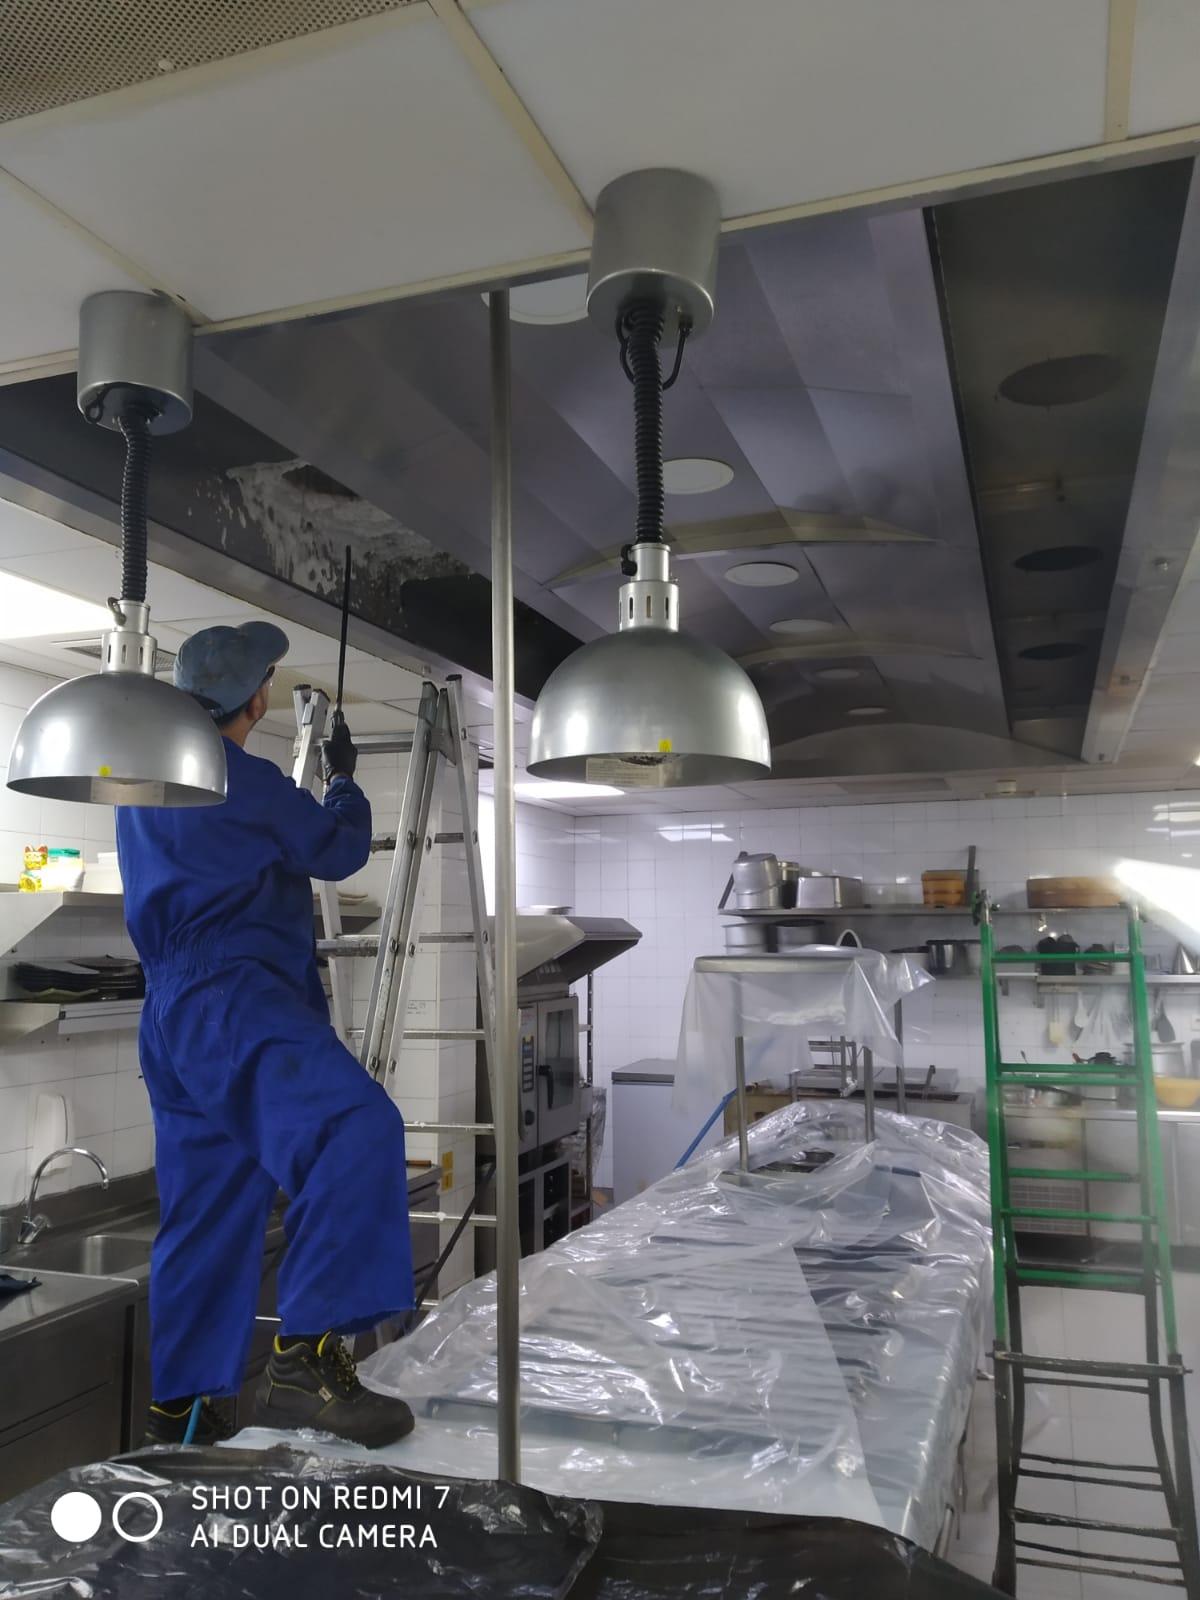 Limpieza de campana – Preparación y espumado antes del servicio